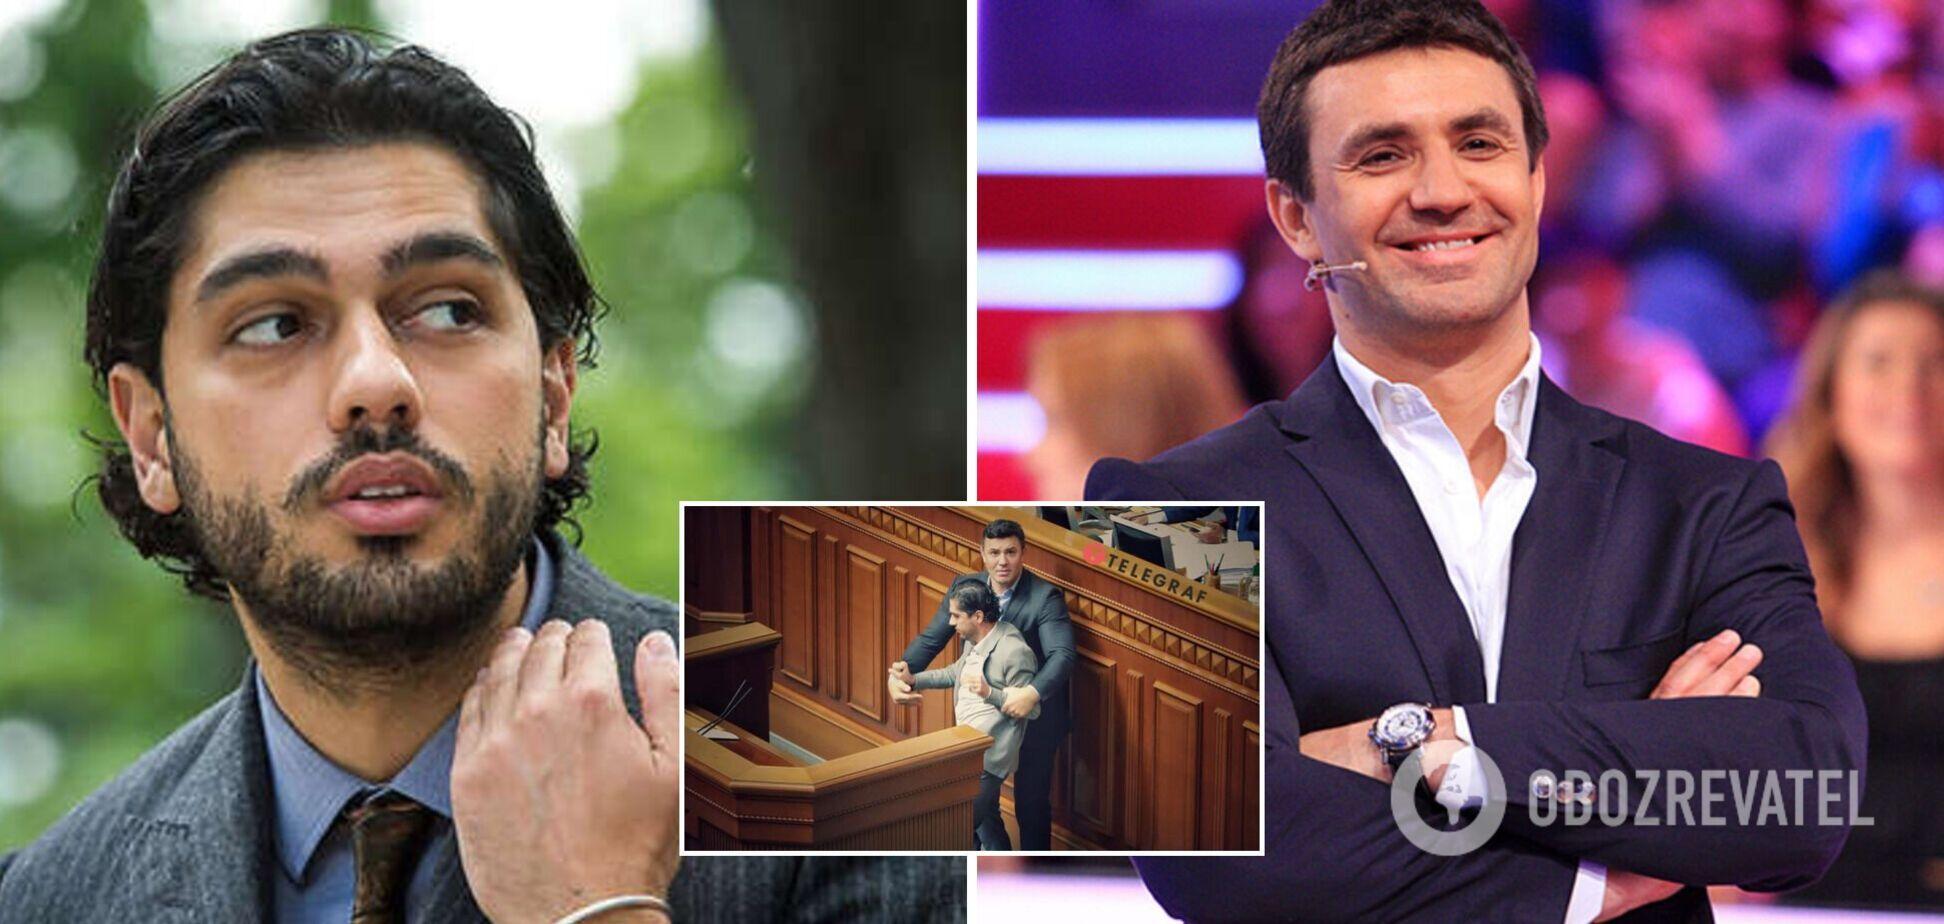 Тищенко помолился за Лероса после потасовки в Раде и показал фото